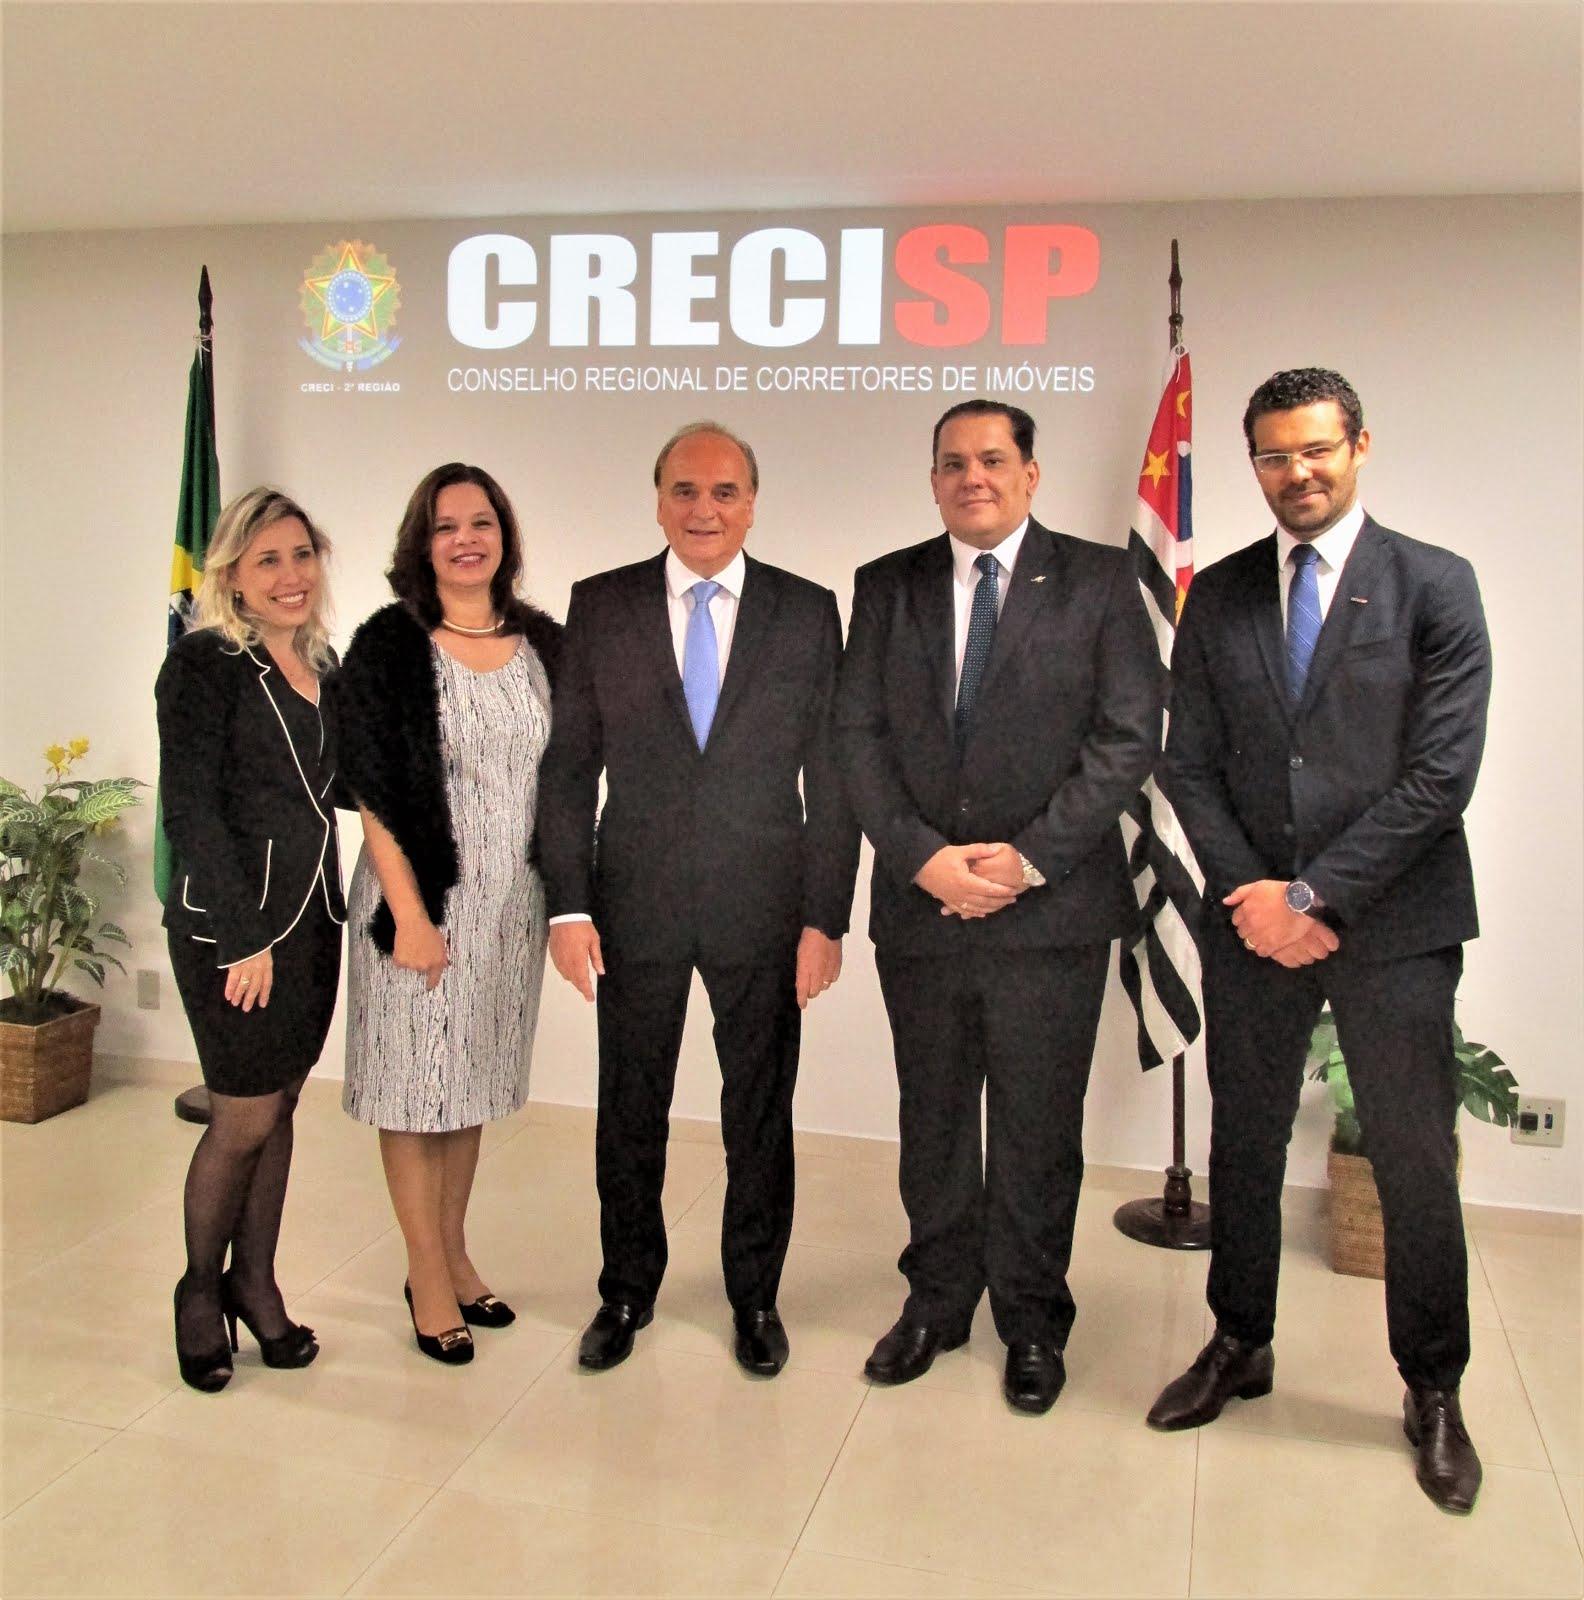 INAUGURAÇÃO DO CEJUSC NO CONSELHO REGIONAL DE CORRETORES DE IMÓVEIS-CRECI/SP EM 16.05.2017